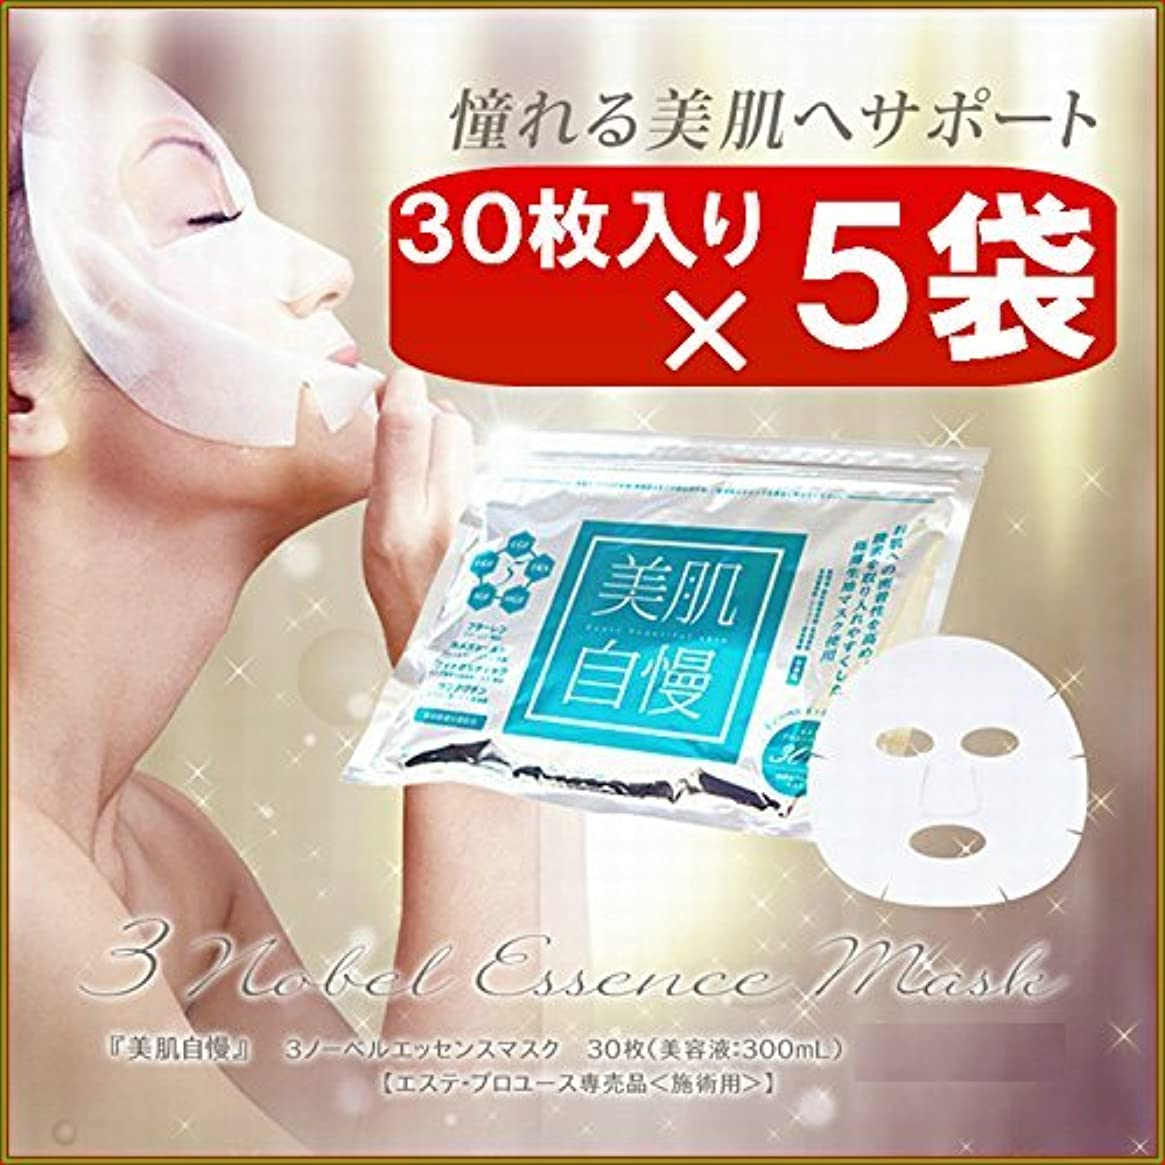 の面では気絶させるバインド美肌自慢フェイスマスク 30枚入り ×超お得5袋セット 《エッセンスマスク、EGF、IGF、ヒアルロン酸、プラセンタ、アルブチン、カタツムリエキス、しみ、しわ》